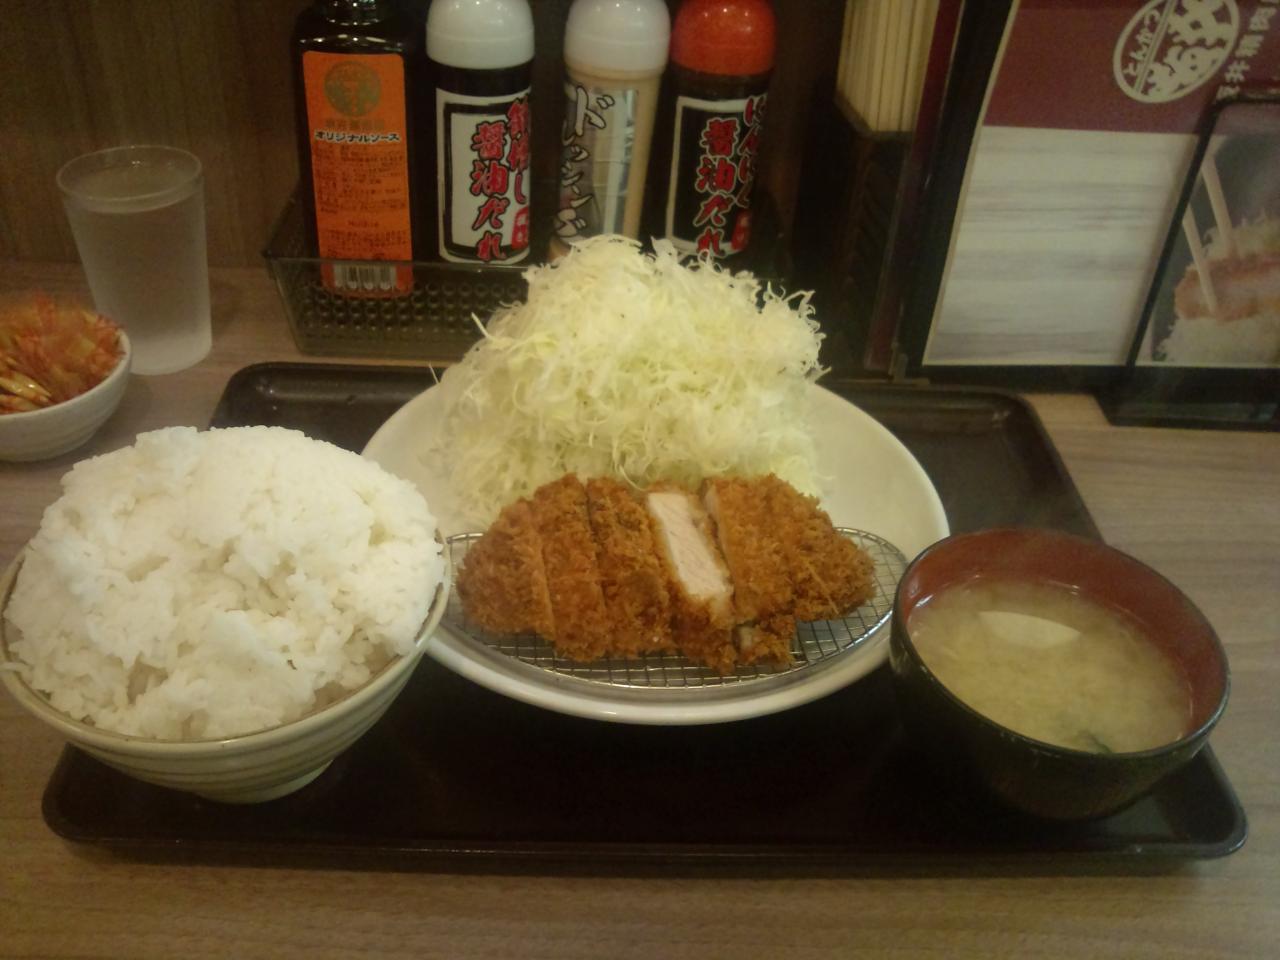 坂井精肉店高田馬場店(肉厚ロースカツ定食特大)